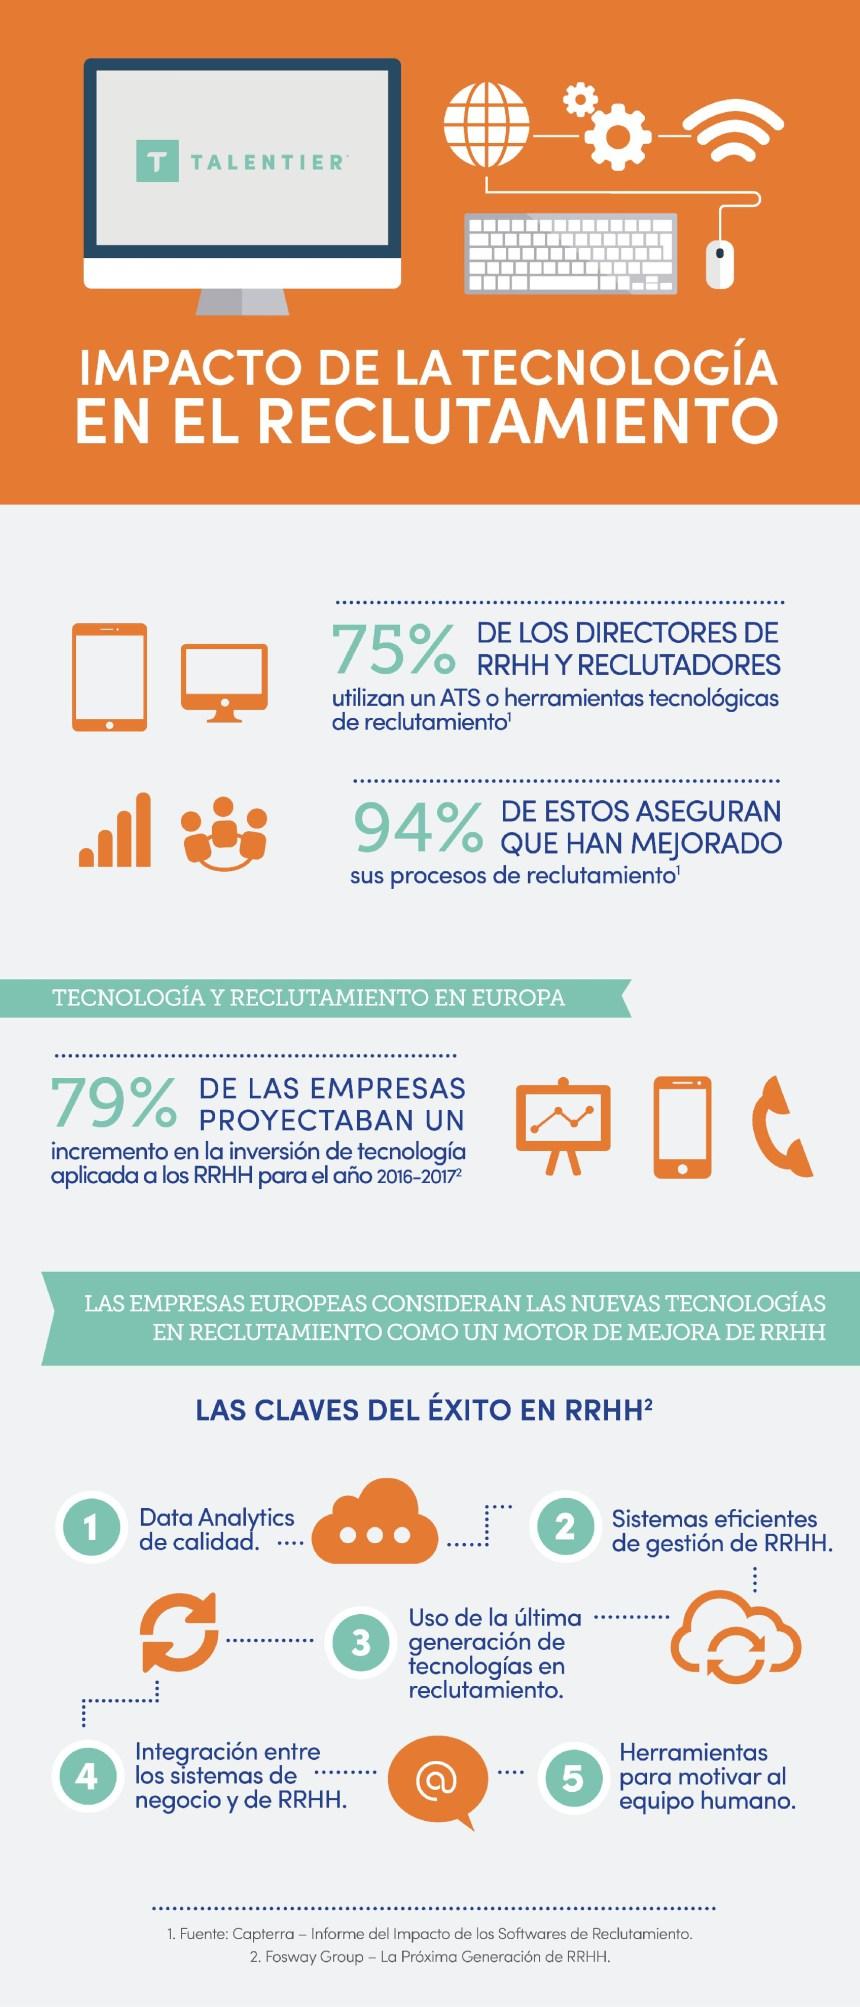 Impacto de la tecnología en el reclutamiento #infografia #infographic #rrhh